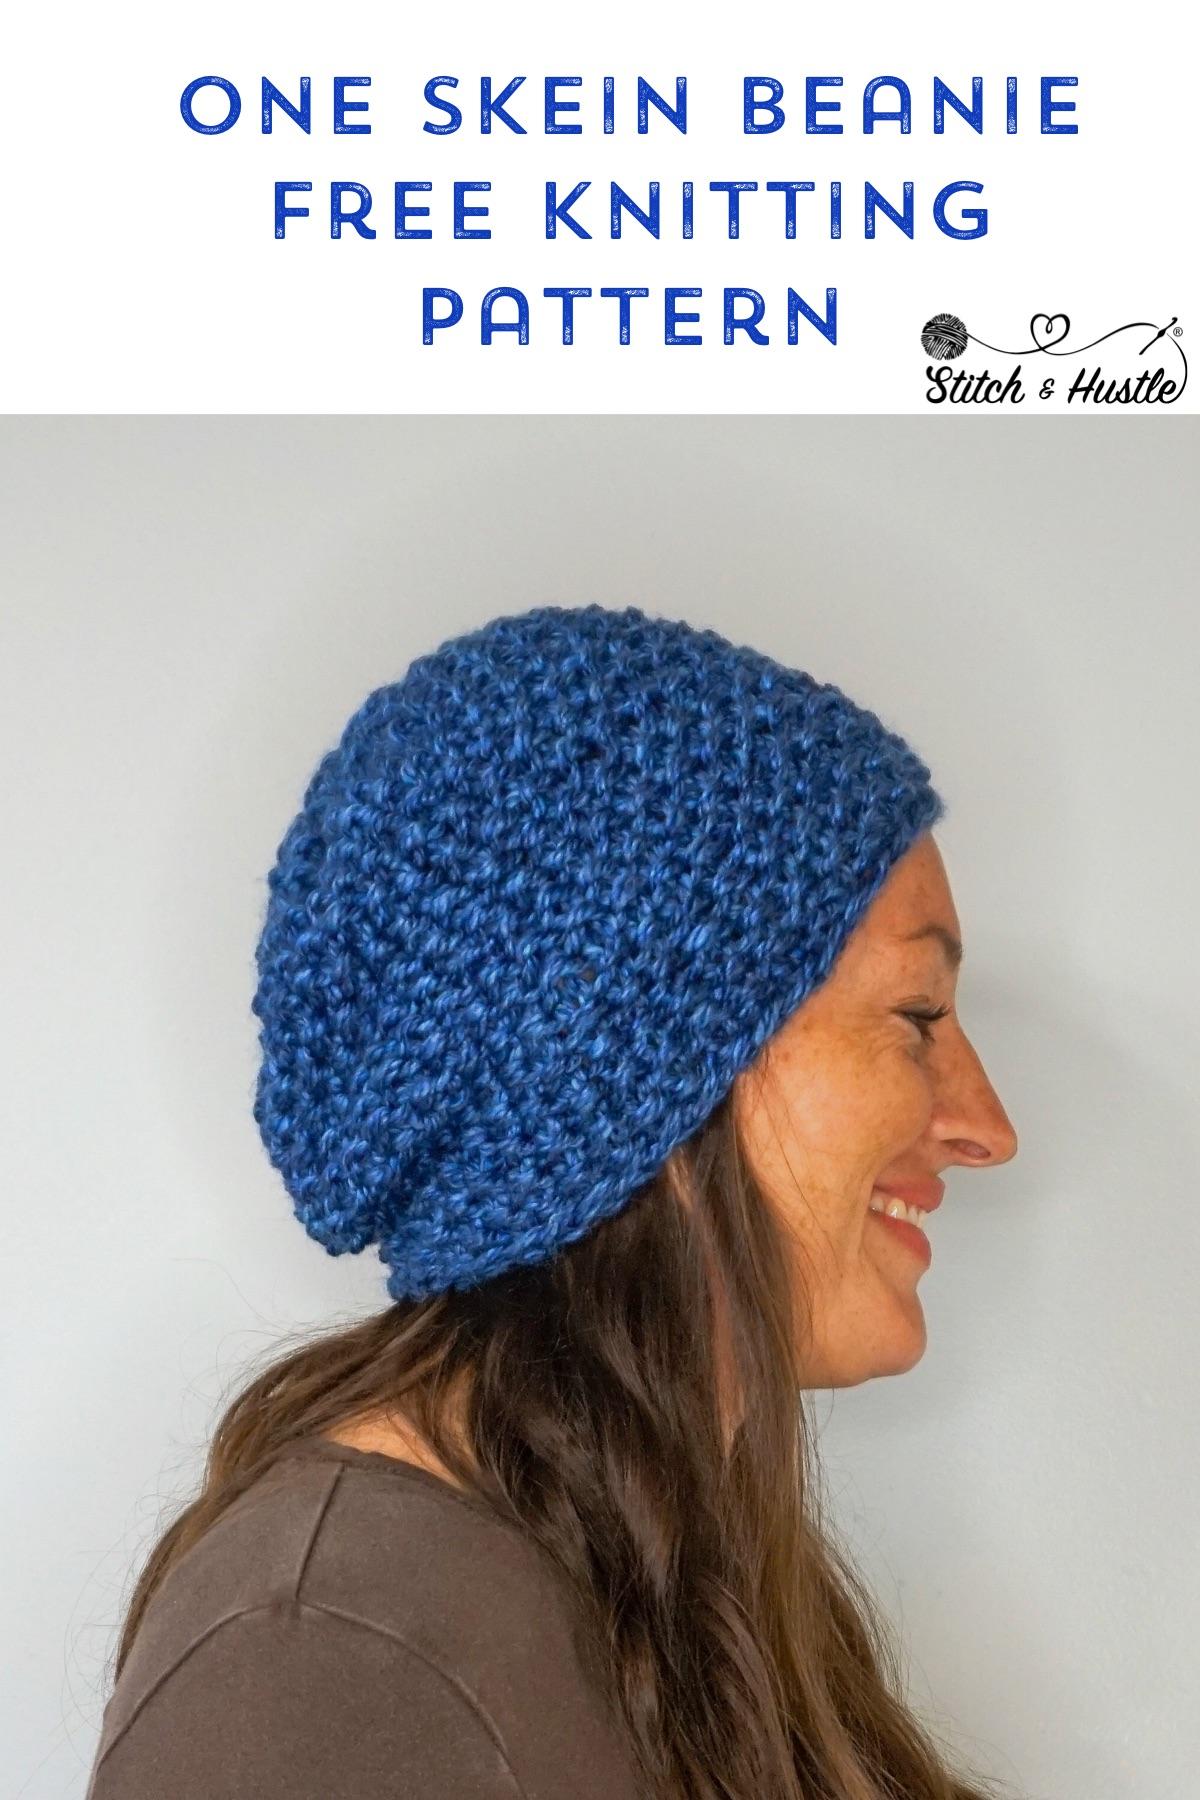 HatNotHate_Free_one-skein-_beanie_knitting-Pattern_1.jpg